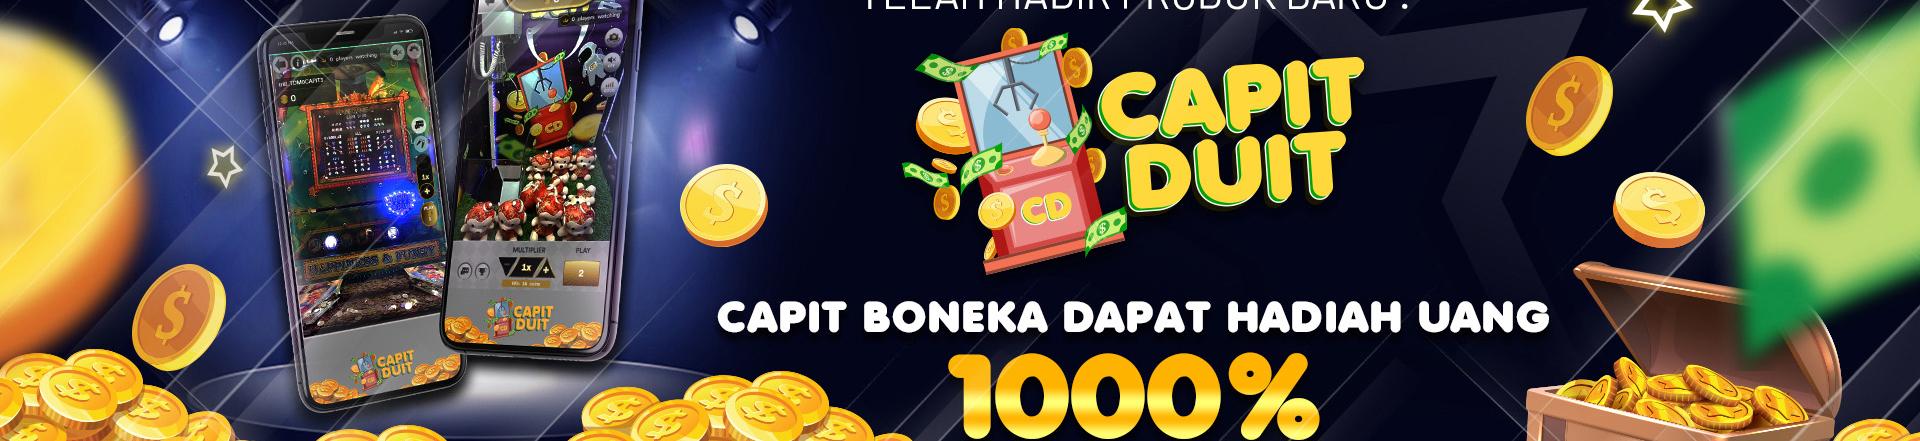 capit duit Online